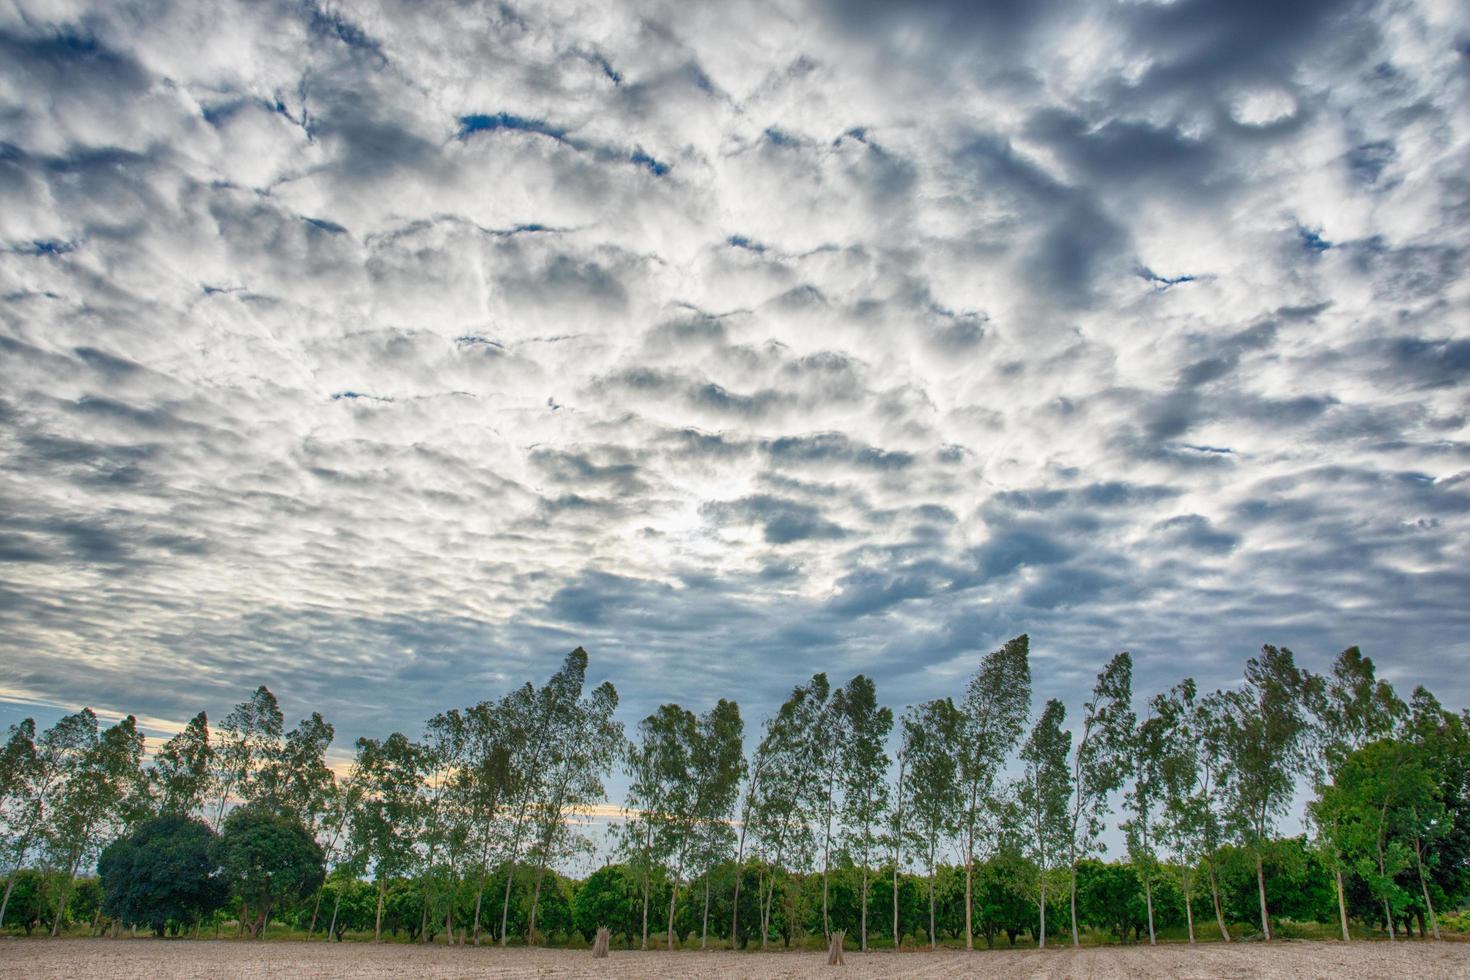 arbres sous un ciel dramatique photo